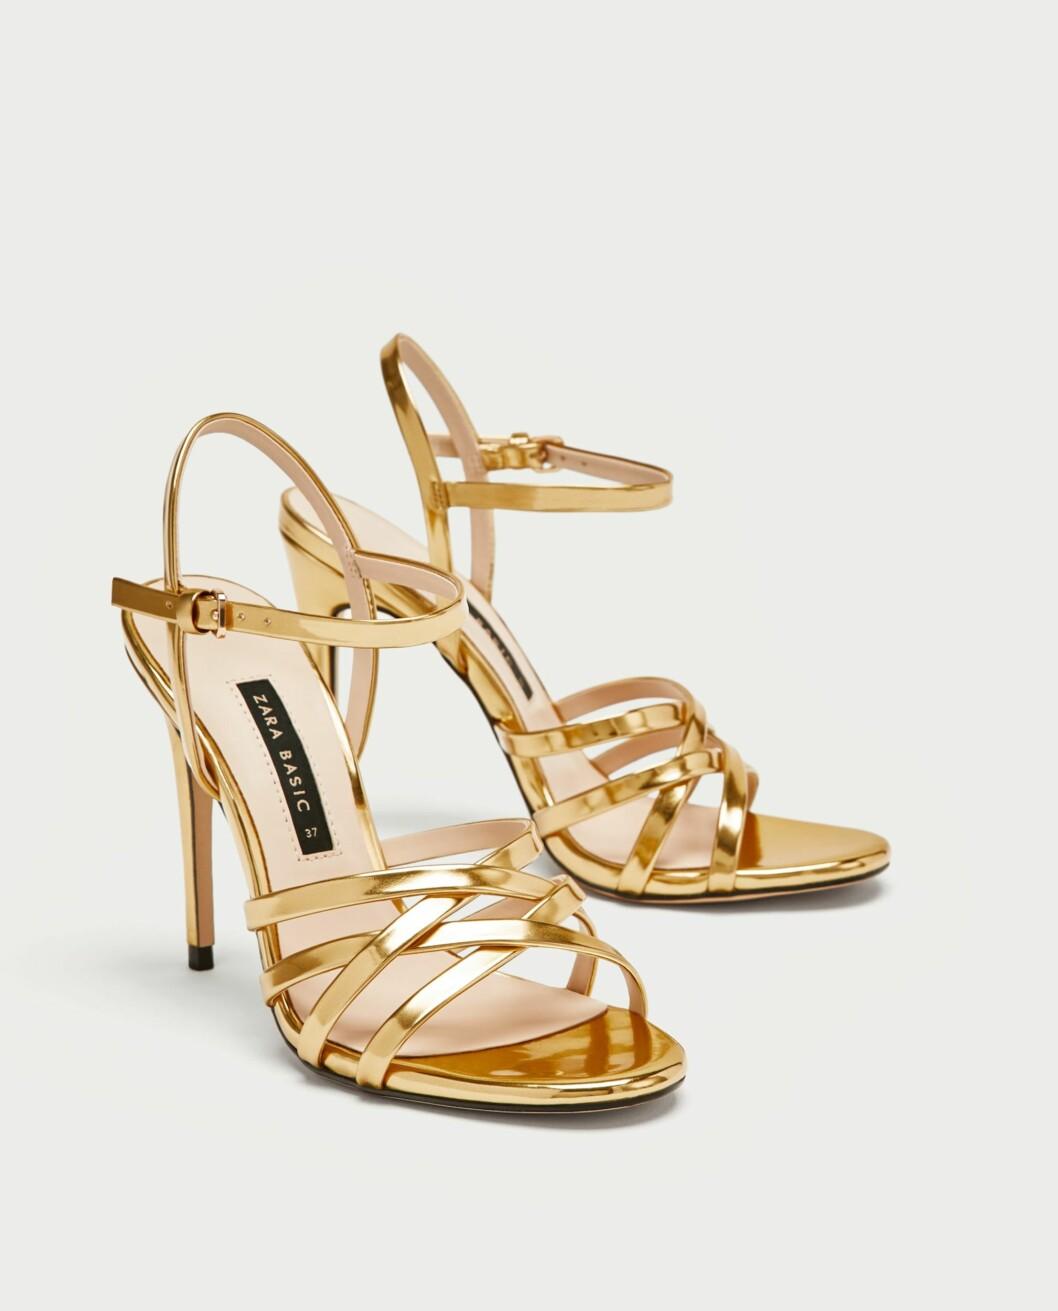 <strong>Sko fra Zara  349,-  https:</strong>//www.zara.com/no/no/laminert-sandal-med-remmer-p12300301.html?v1=5426702&v2=526501